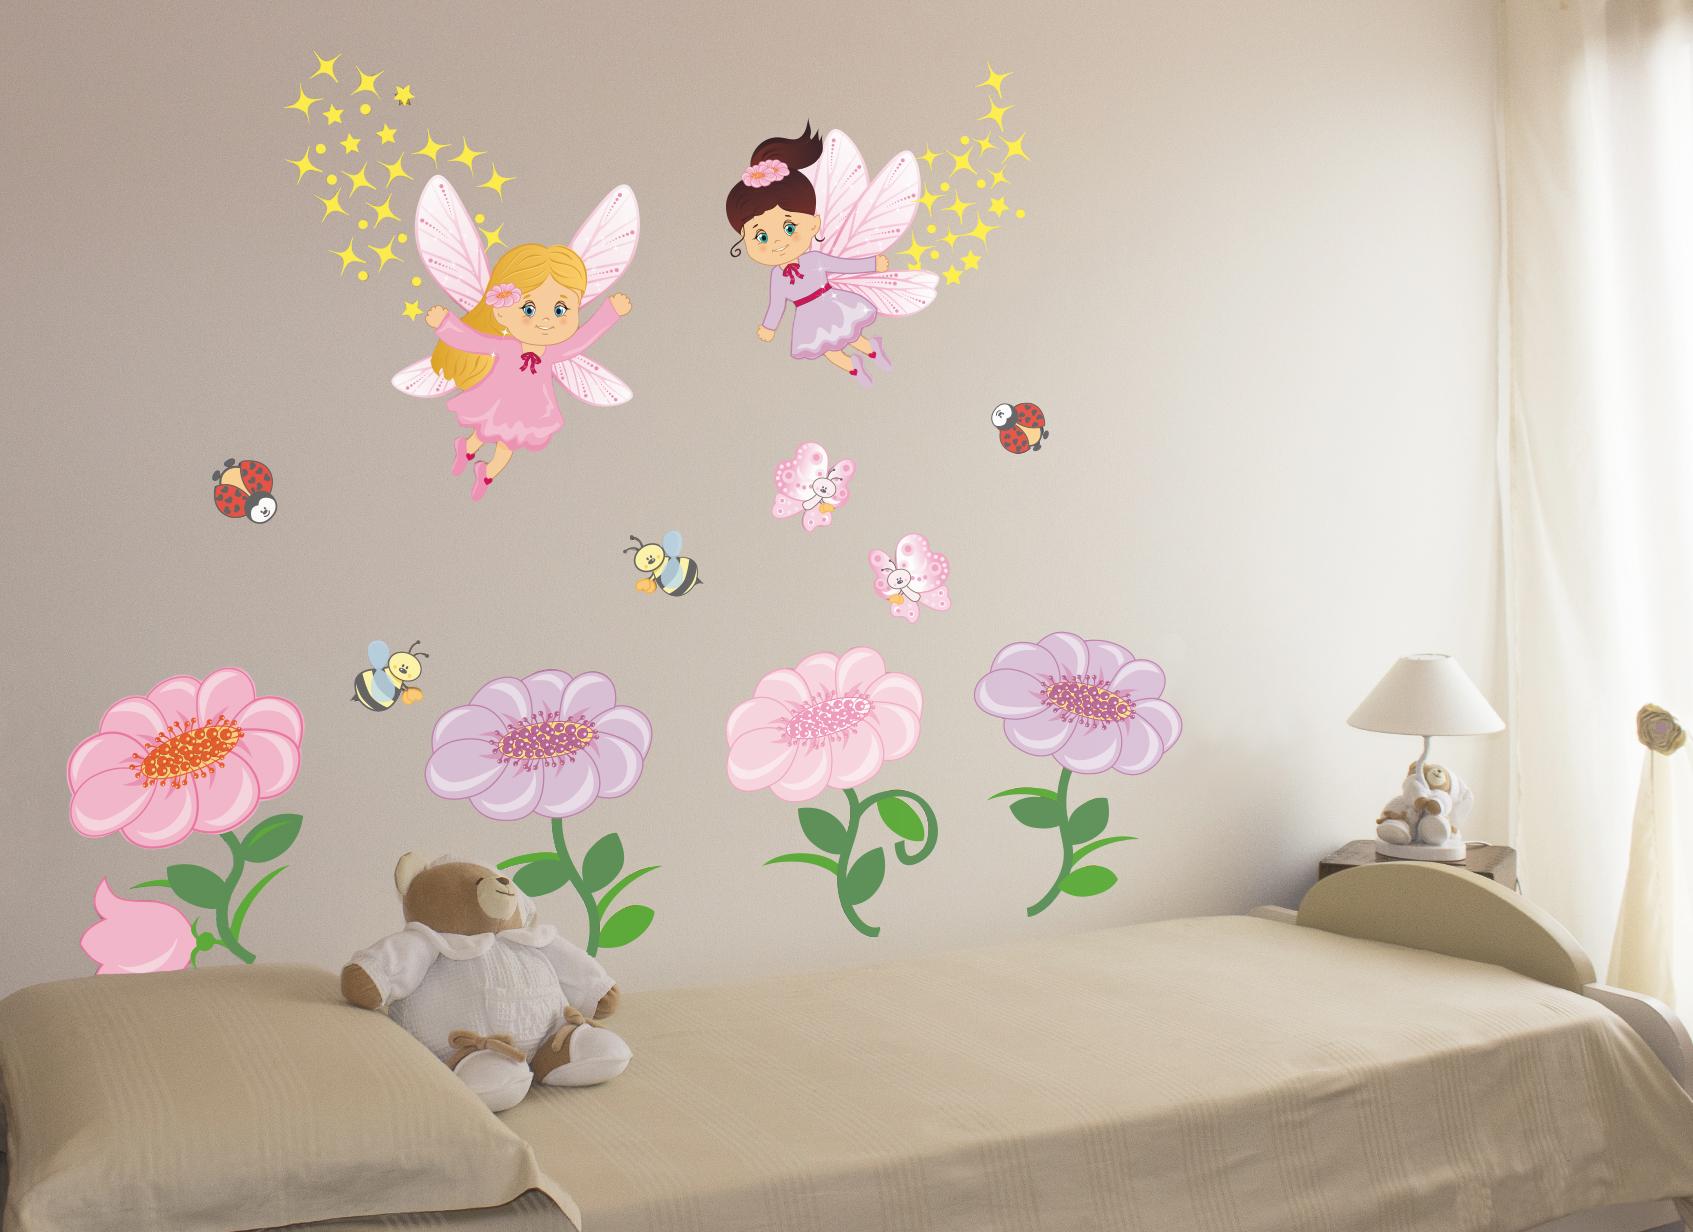 La banda del riccio magie per i pi piccoli con questi - Decorazioni camera bimbi ...